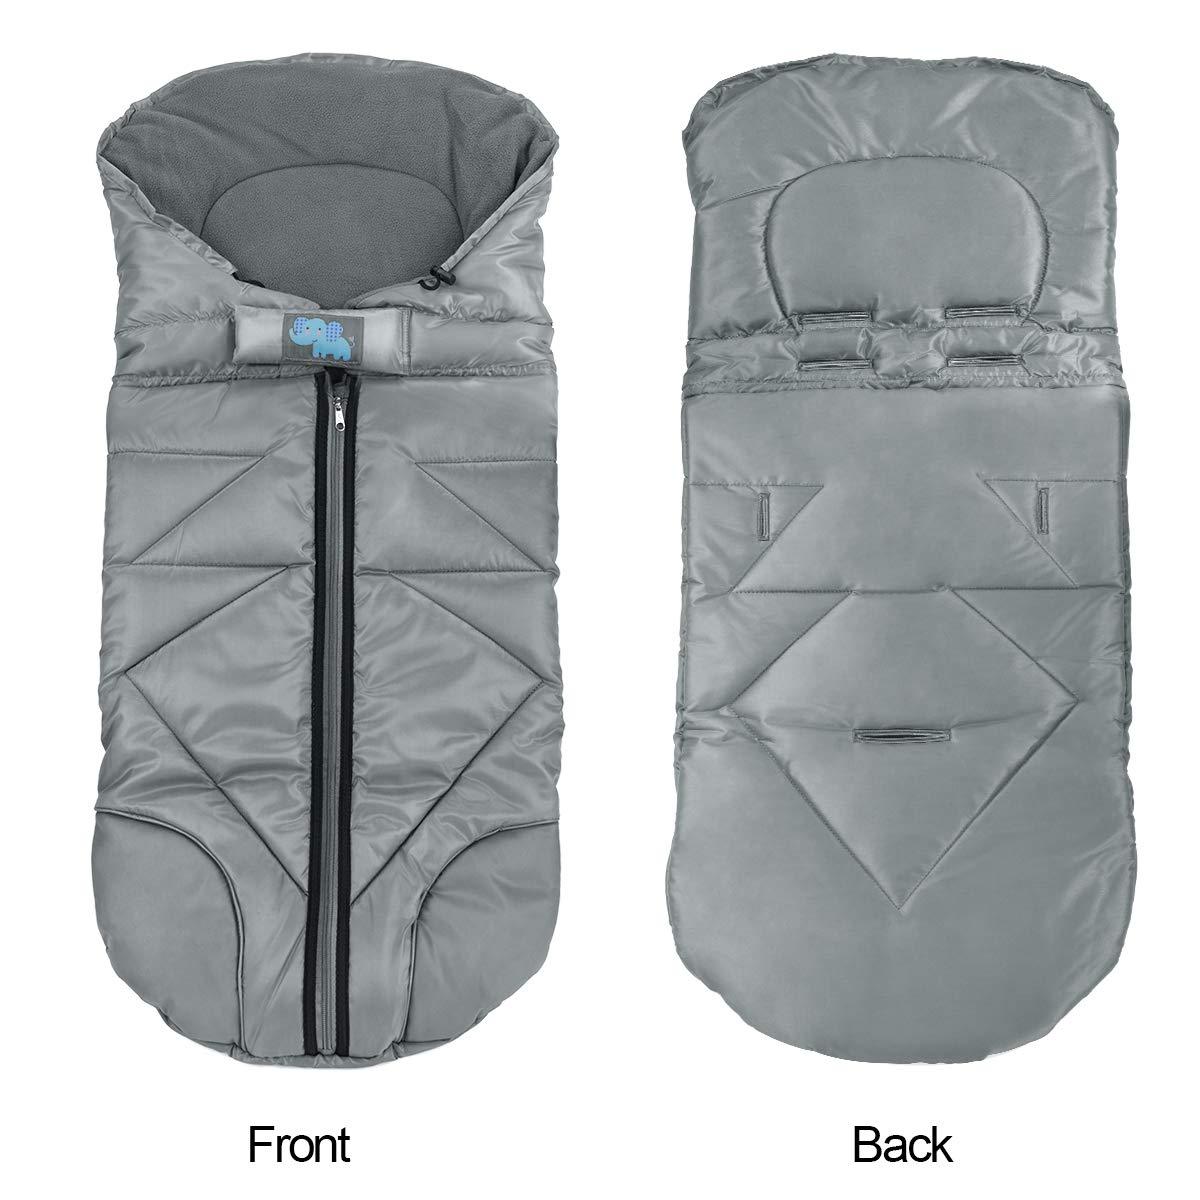 Amazon.com: Saco de dormir para bebé, impermeable, universal ...